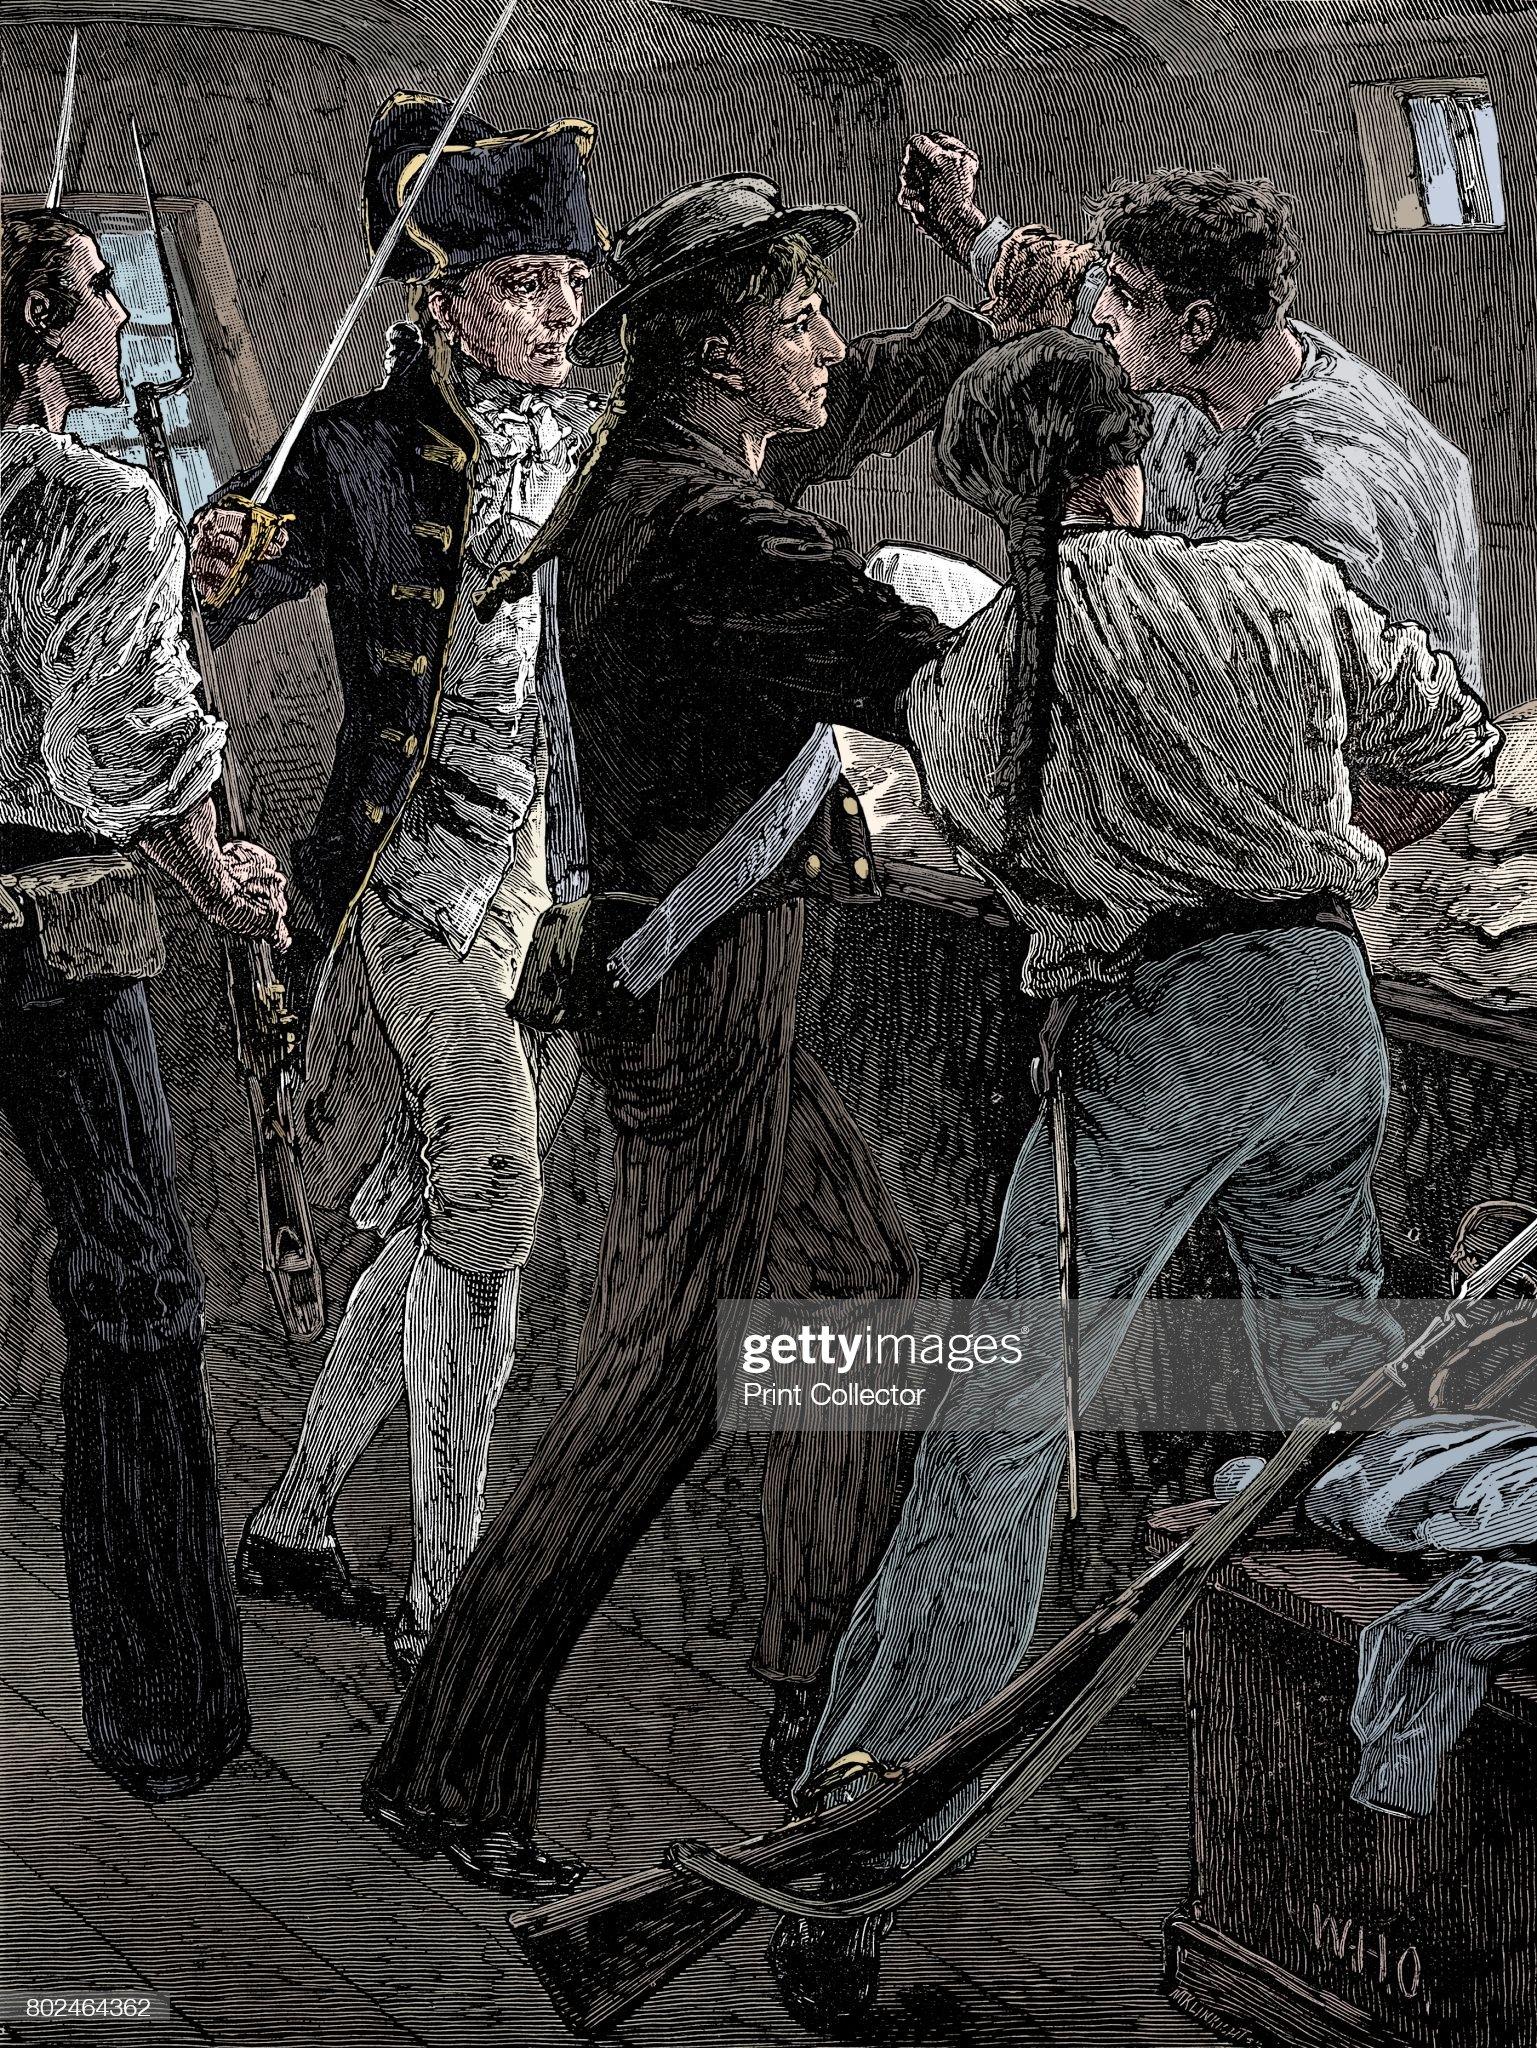 Mutiny Of The Crew Of The Bounty 1789 (Late 19th Century) : Fotografía de noticias